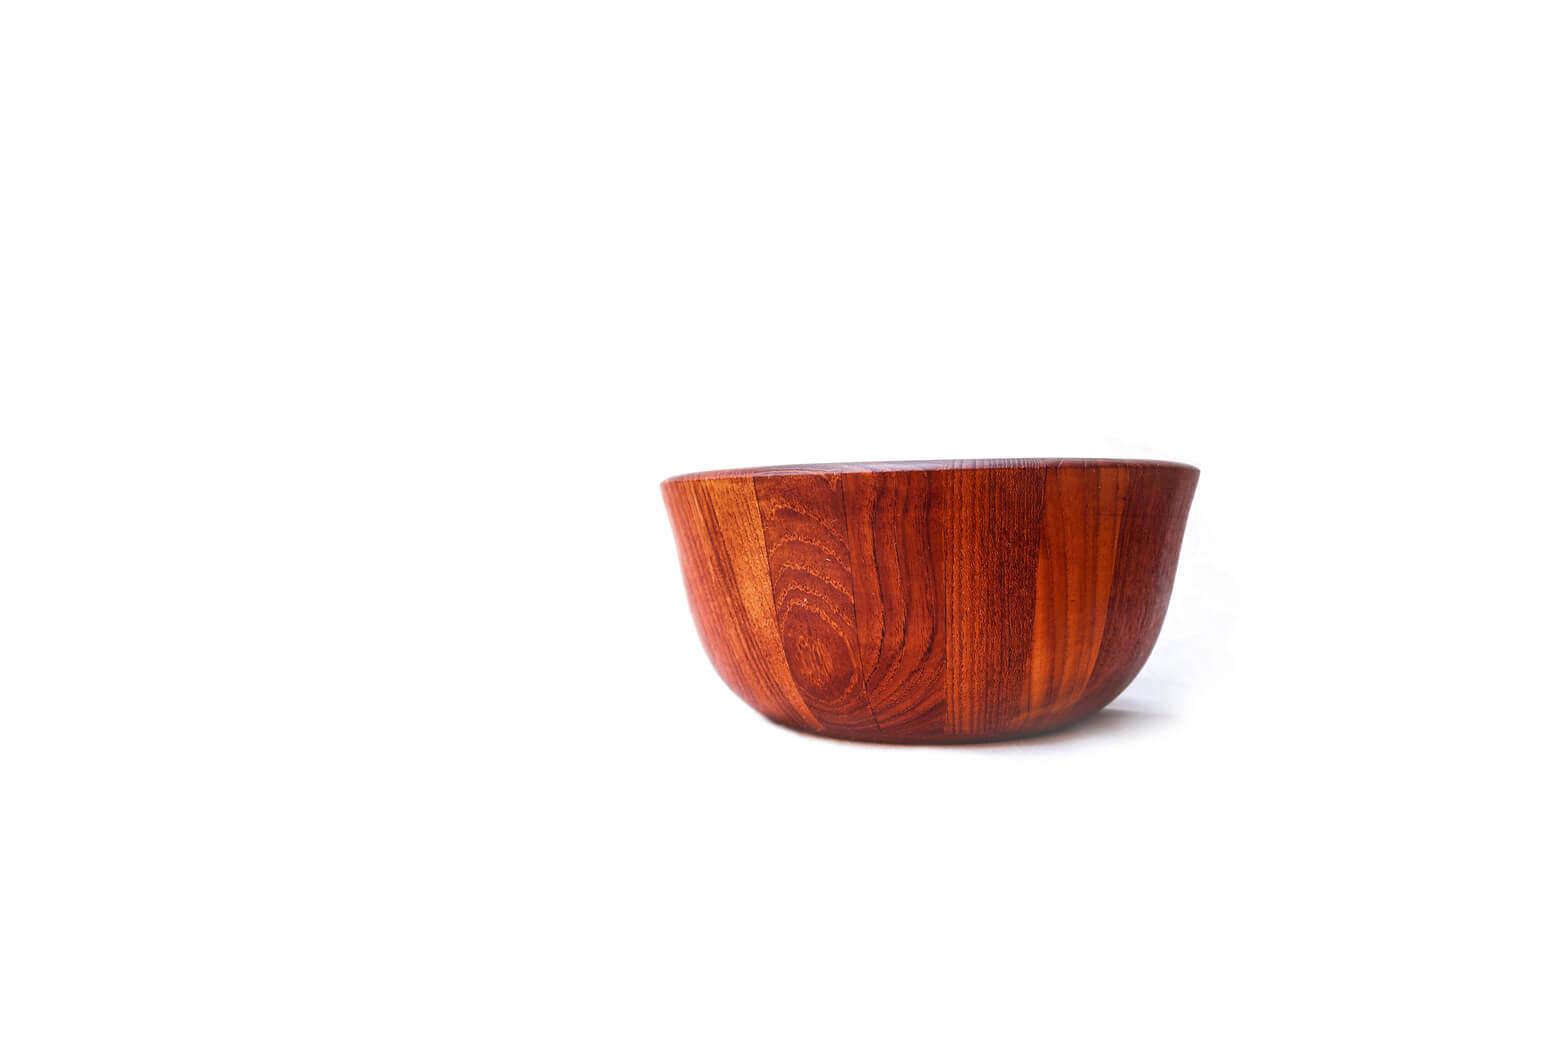 人気の北欧ヴィンテージ食器、レリーフシリーズやコーディアルシリーズなどを手掛けたデンマーク出身のデザイナー、イェンス・クイストゴー。 実は、1954年にアメリカで創業した、DANSK/ダンスクの創業者としても知られています。 こちらはクイストゴーデザインのチークボウル。 肉厚なチーク材を寄木して作られています。 削り出して作られたものとはまた雰囲気が異なり、様々な木目の味わいが楽しめます。 あたたかみがプラスしたい場所に置いてインテリアとしてお使いいただくのもおすすめです。 淵に傷がございます。ヴィンテージ品のため、経年や使用に伴う、細かな傷や擦れがございますが、大きなダメージはございません。 また、経年によりチーク材の味わいが増し、深い飴色に変色しています。 チーク無垢材を使用したヴィンテージ品のため、水気を伴うご使用はあまりおすすめできません。 万が一、水気や汚れが付いてしまった場合は乾いた布でふきとり、よく乾かしてからご使用ください。 袋に入ったおやつを入れたり、小物入れにしたり、様々な使い方ができますよ♪ ~【東京都 Vintage&SecondhandInteriorShop FURUICHI】古一/ふるいちでは出張無料買取も行っております。杉並区周辺はもちろん、世田谷区・目黒区・武蔵野市・新宿区等の東京近郊のお見積もりも!ビンテージ家具・インテリア雑貨・ランプ・USED品・ リサイクルなら古一/フルイチへ~